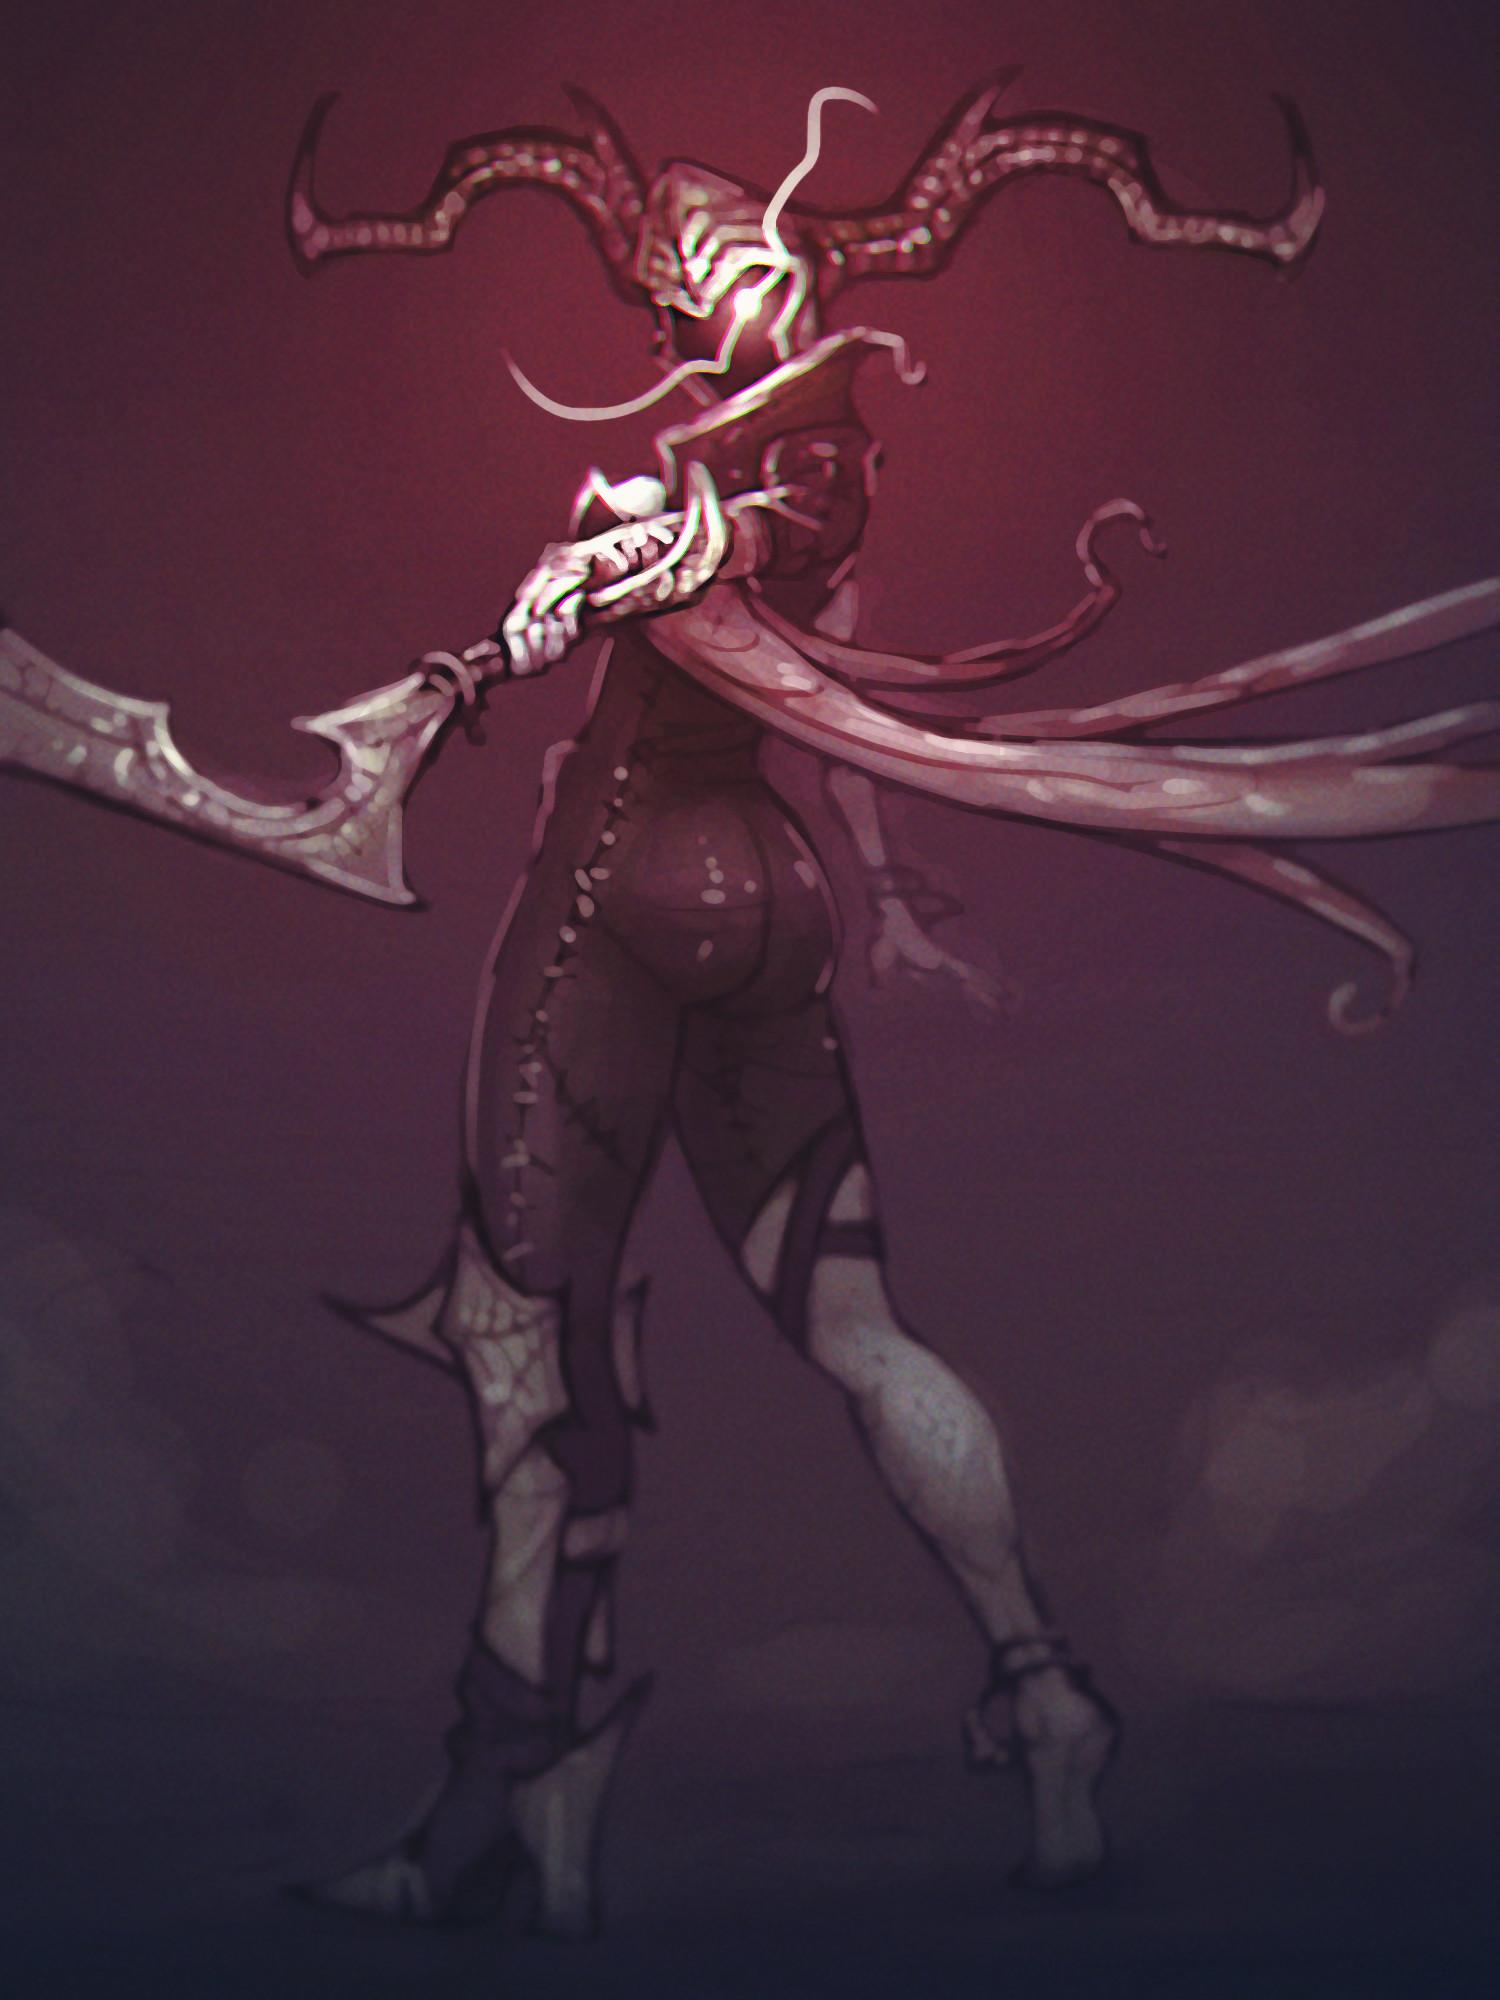 Chema samaniego evil queen 1